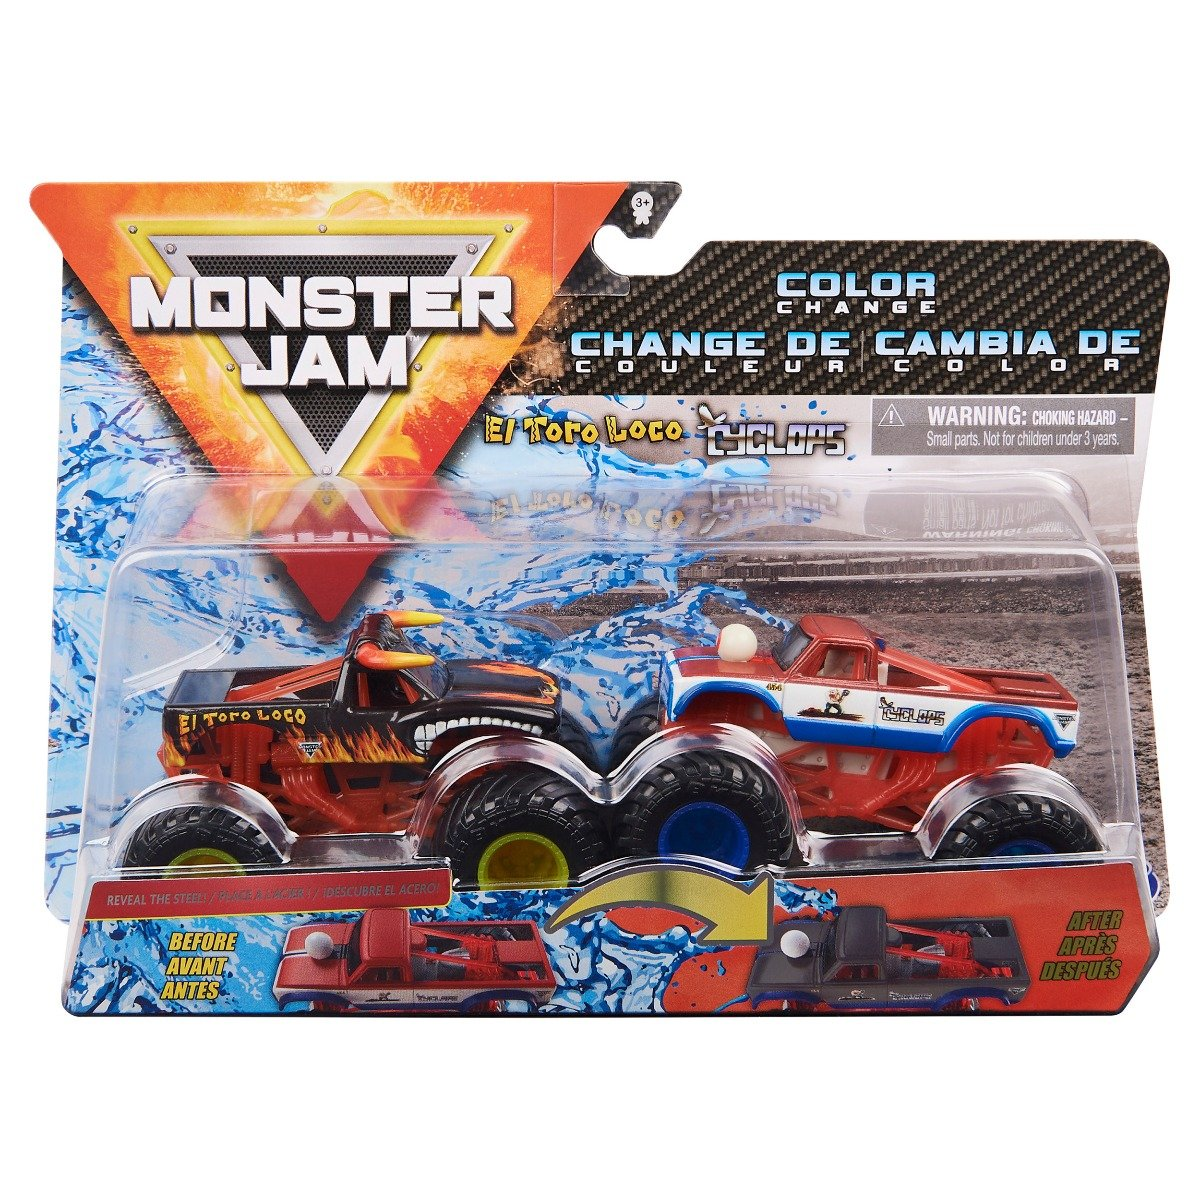 Set 2 masini Monster Jam, Scara 1:64, El Toro Loco si Cyclops